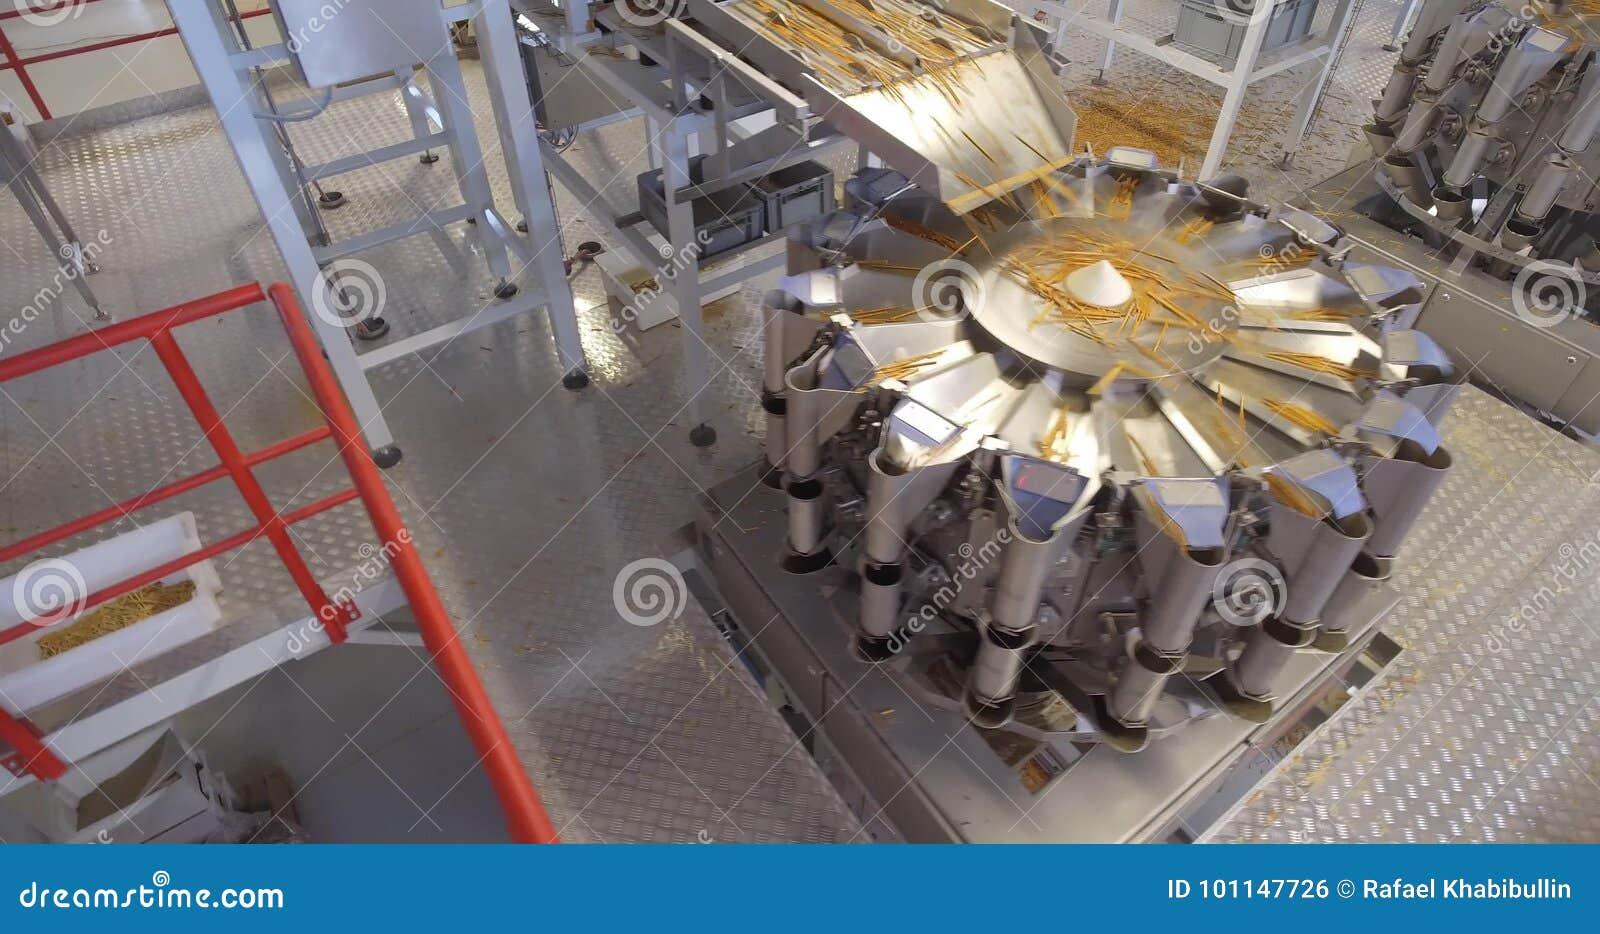 Production line at food processing plant  Merchandise, enterprise